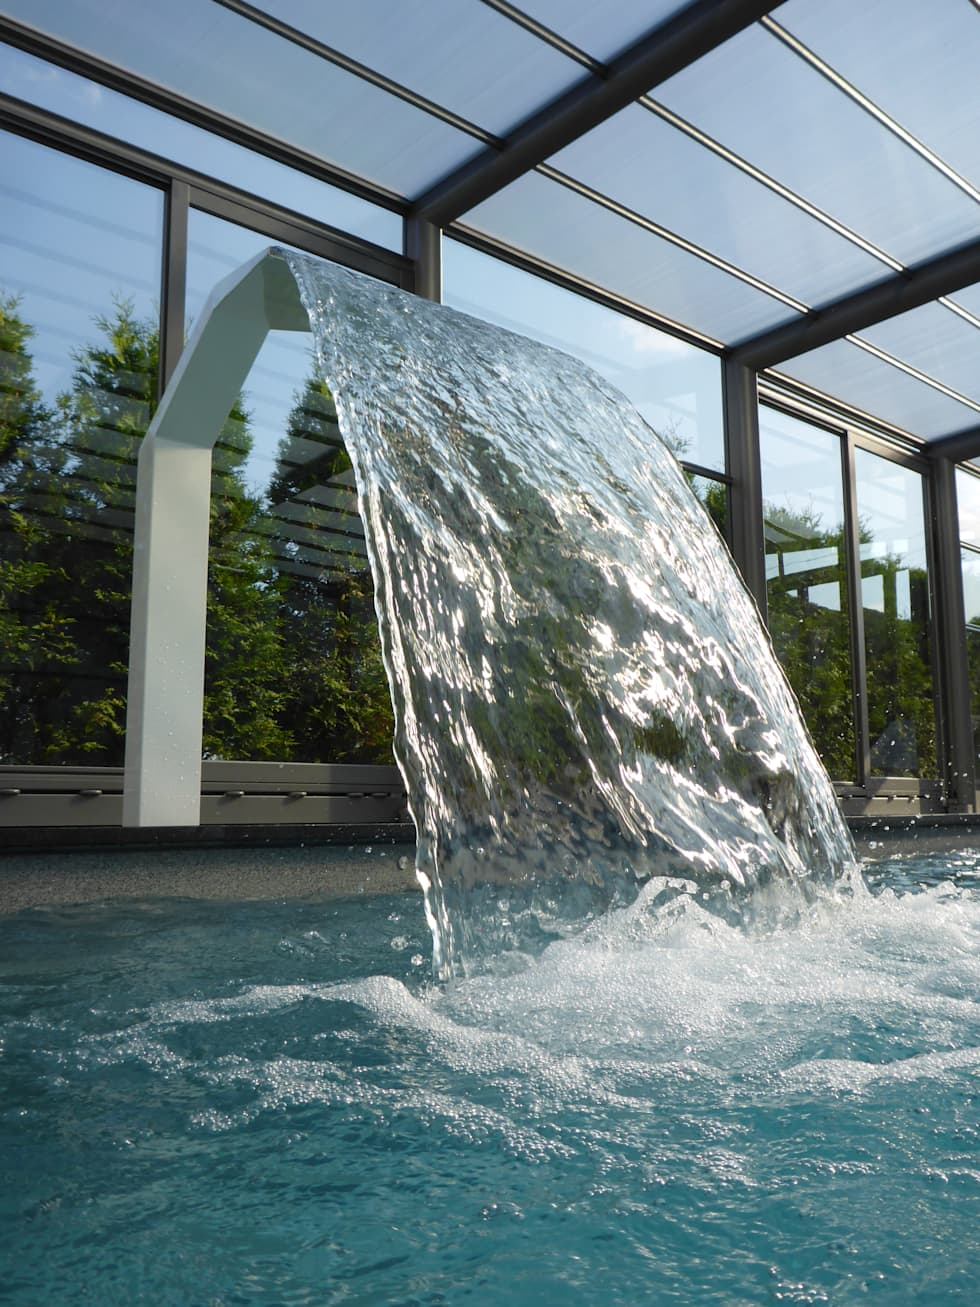 Fkb Schwimmbadtechnik wohnideen interior design einrichtungsideen bilder homify